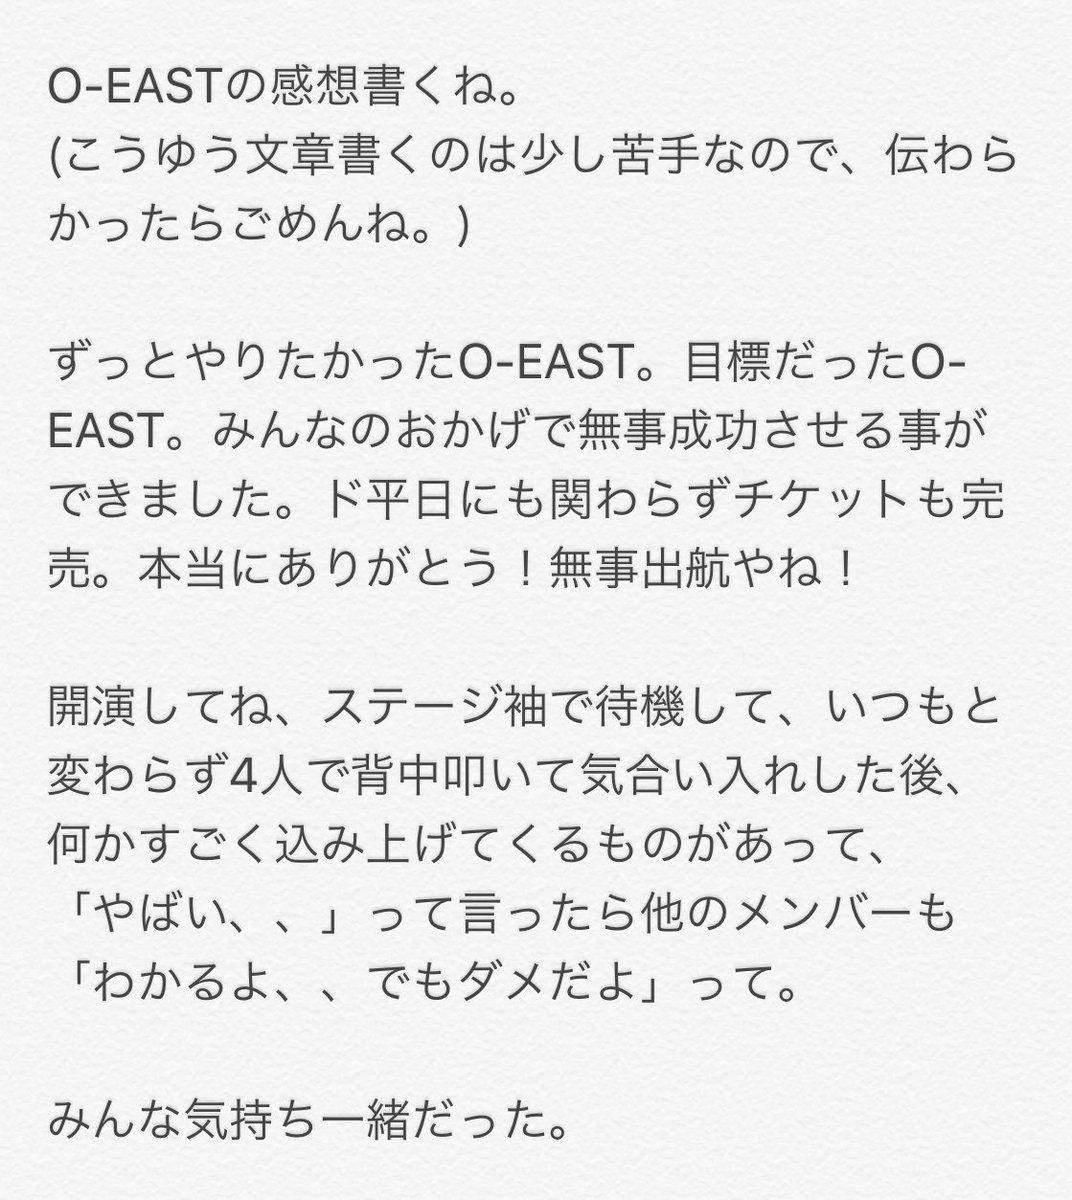 突然ですがSLHツアーファイナルO-EASTの感想を書きたいとおもいます。今?って思う人はSLHTVを見て下さい。